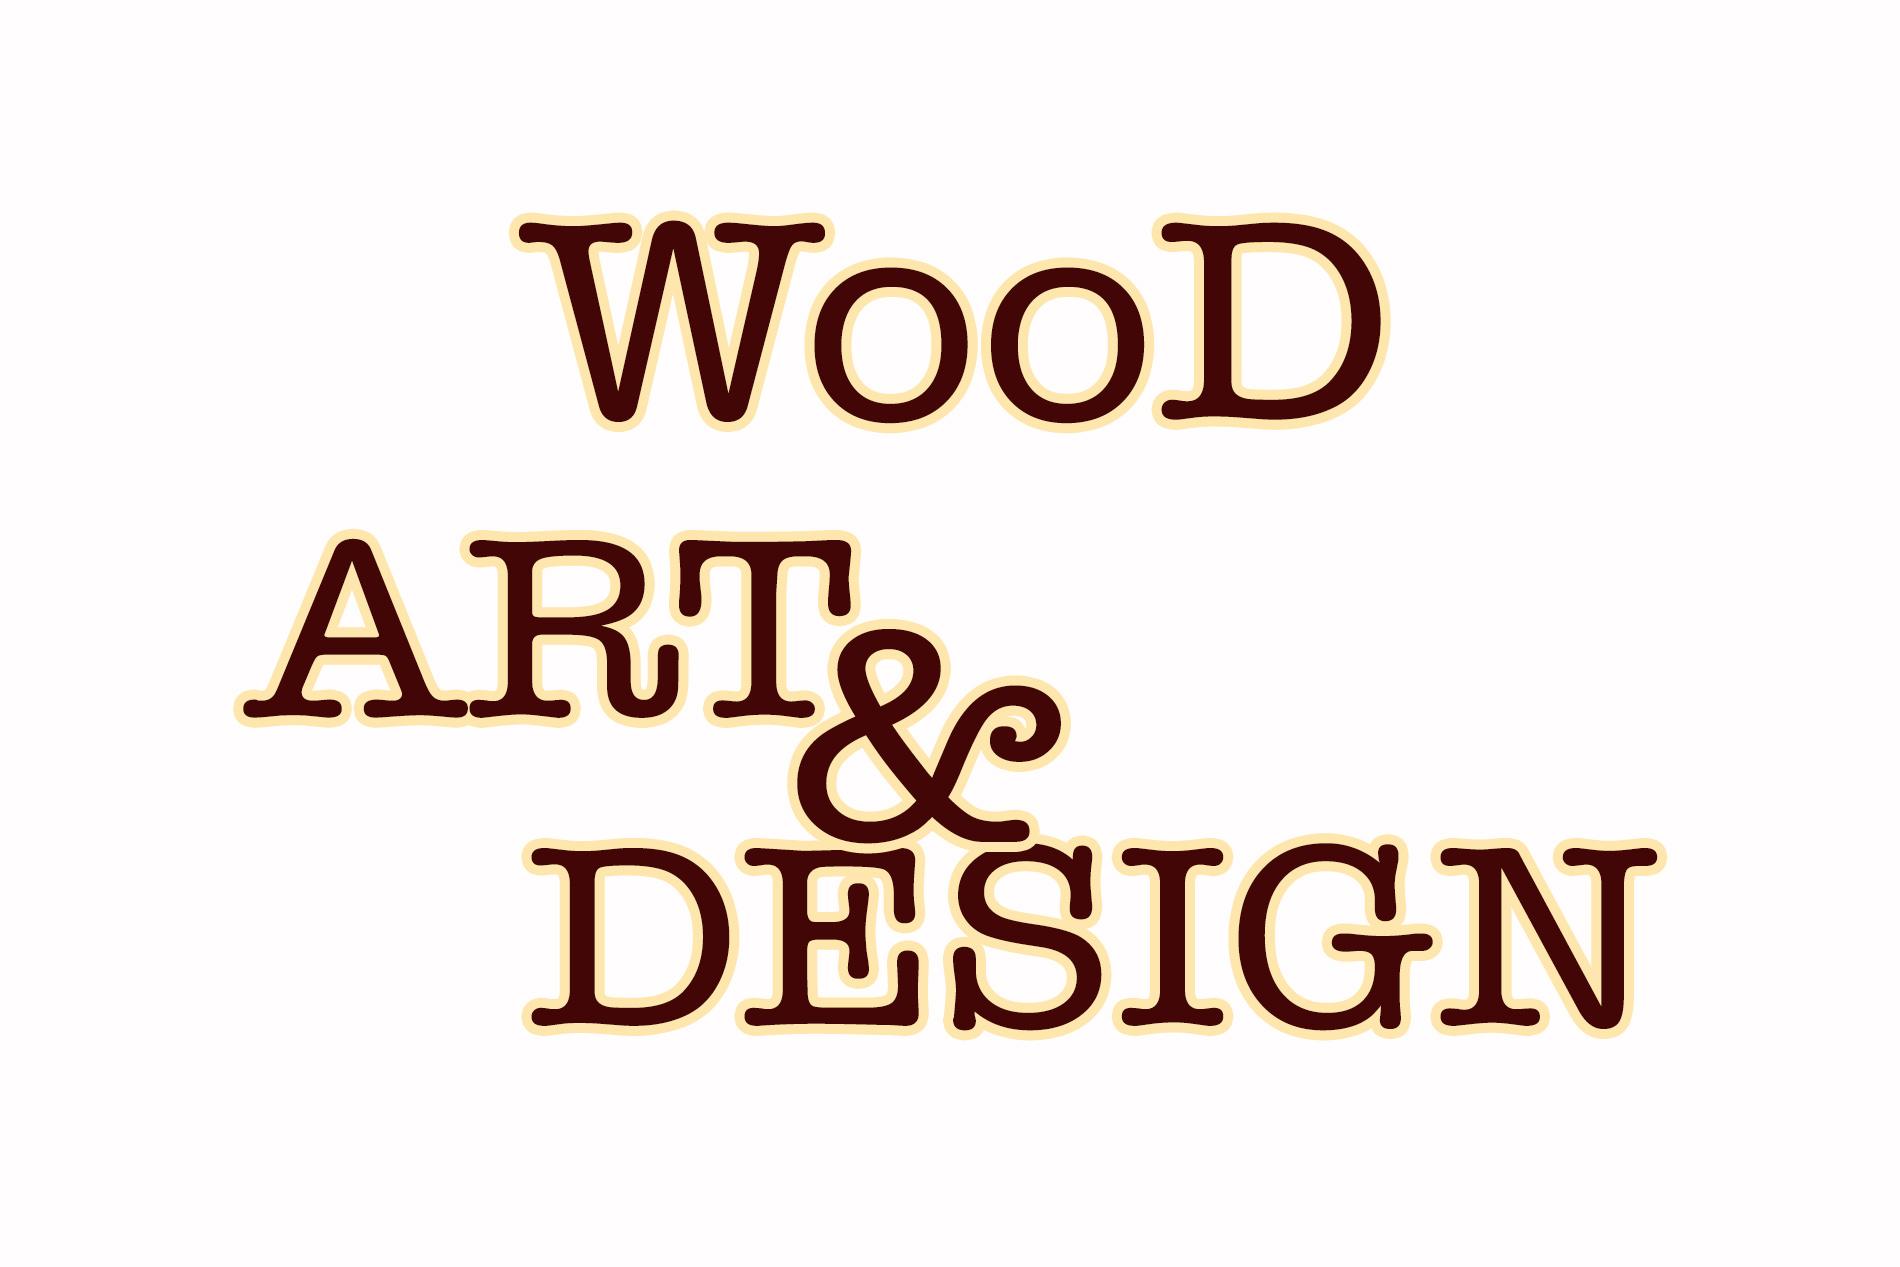 Pusateri Maker WOOD ART AND DESIGN